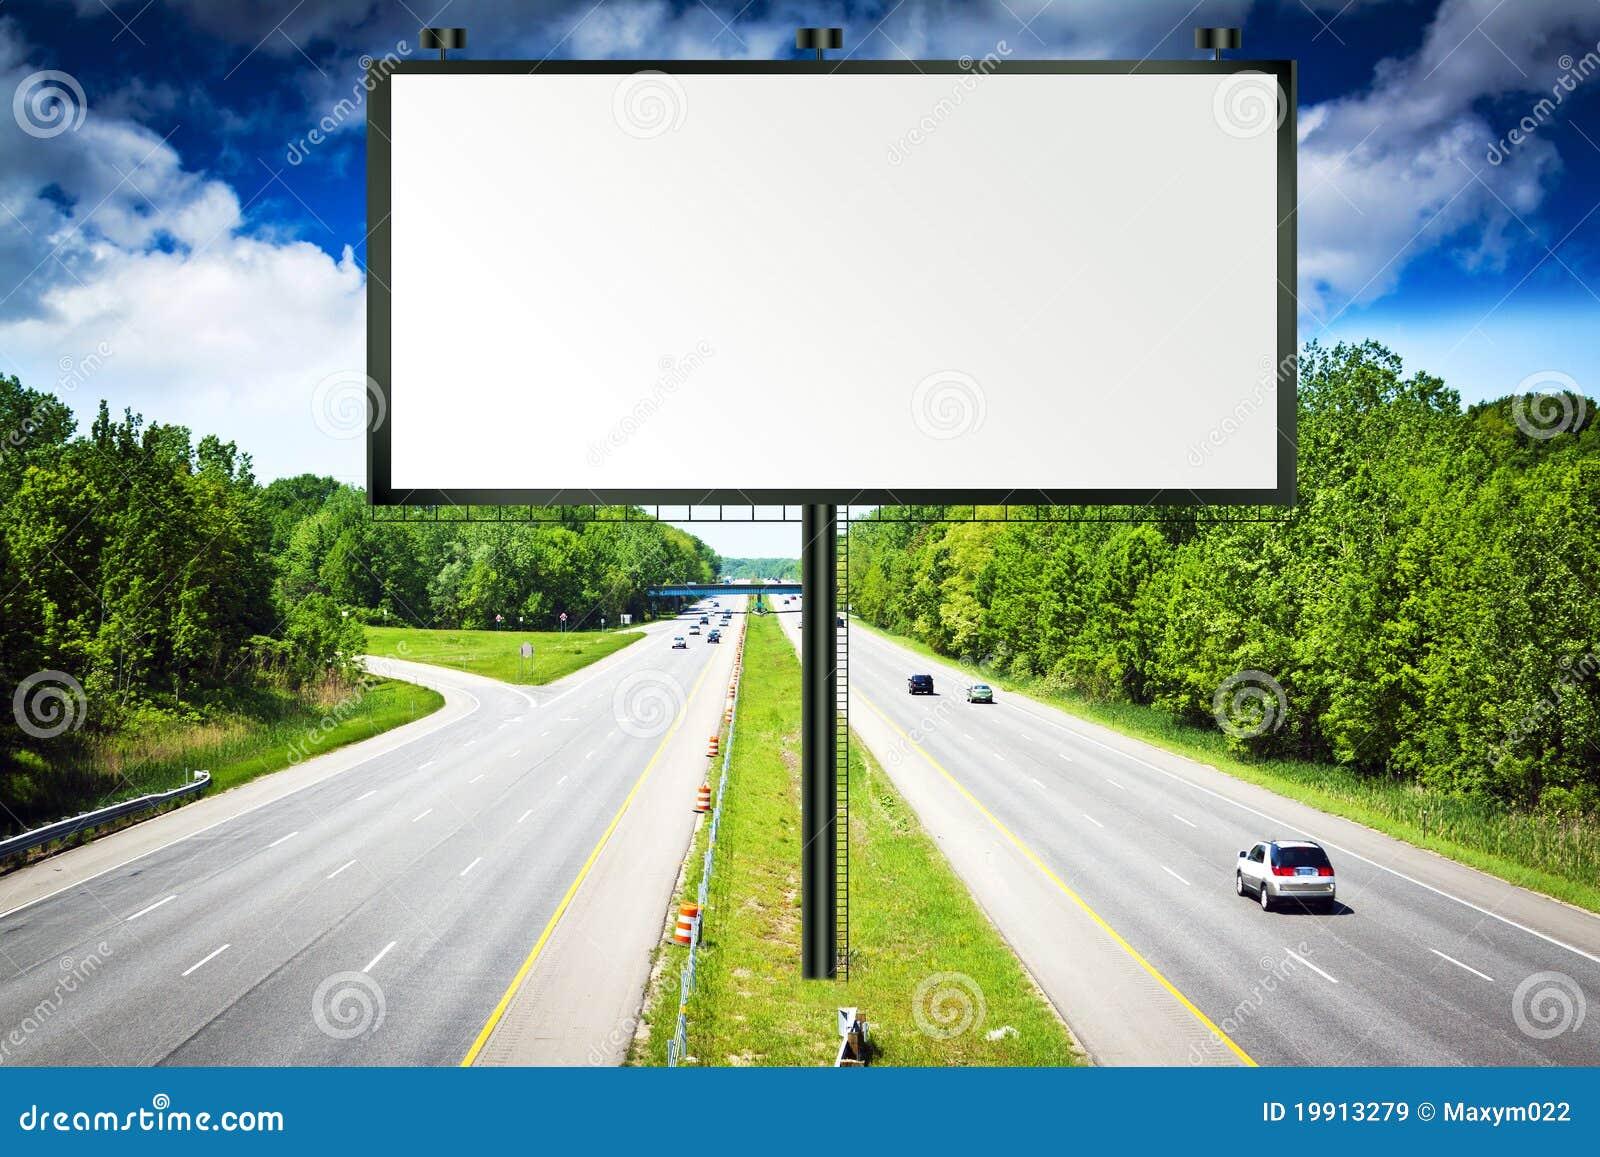 Billboard with Stormy Sky